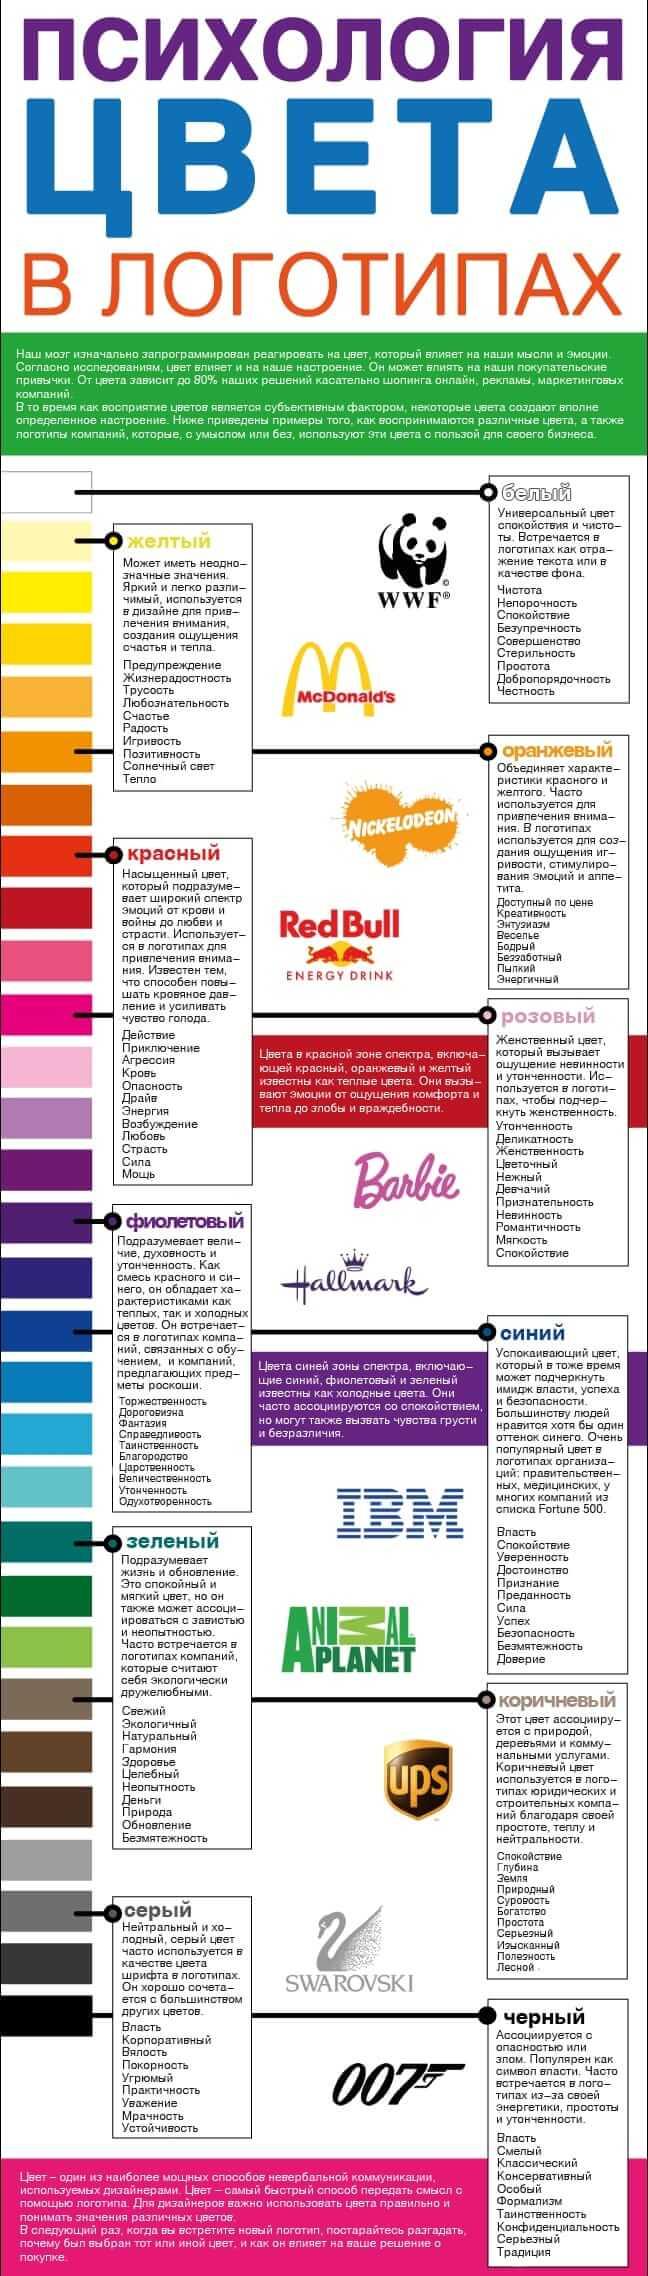 бренды, веб дизайн, креатив, психология, выбор цветов, цвет